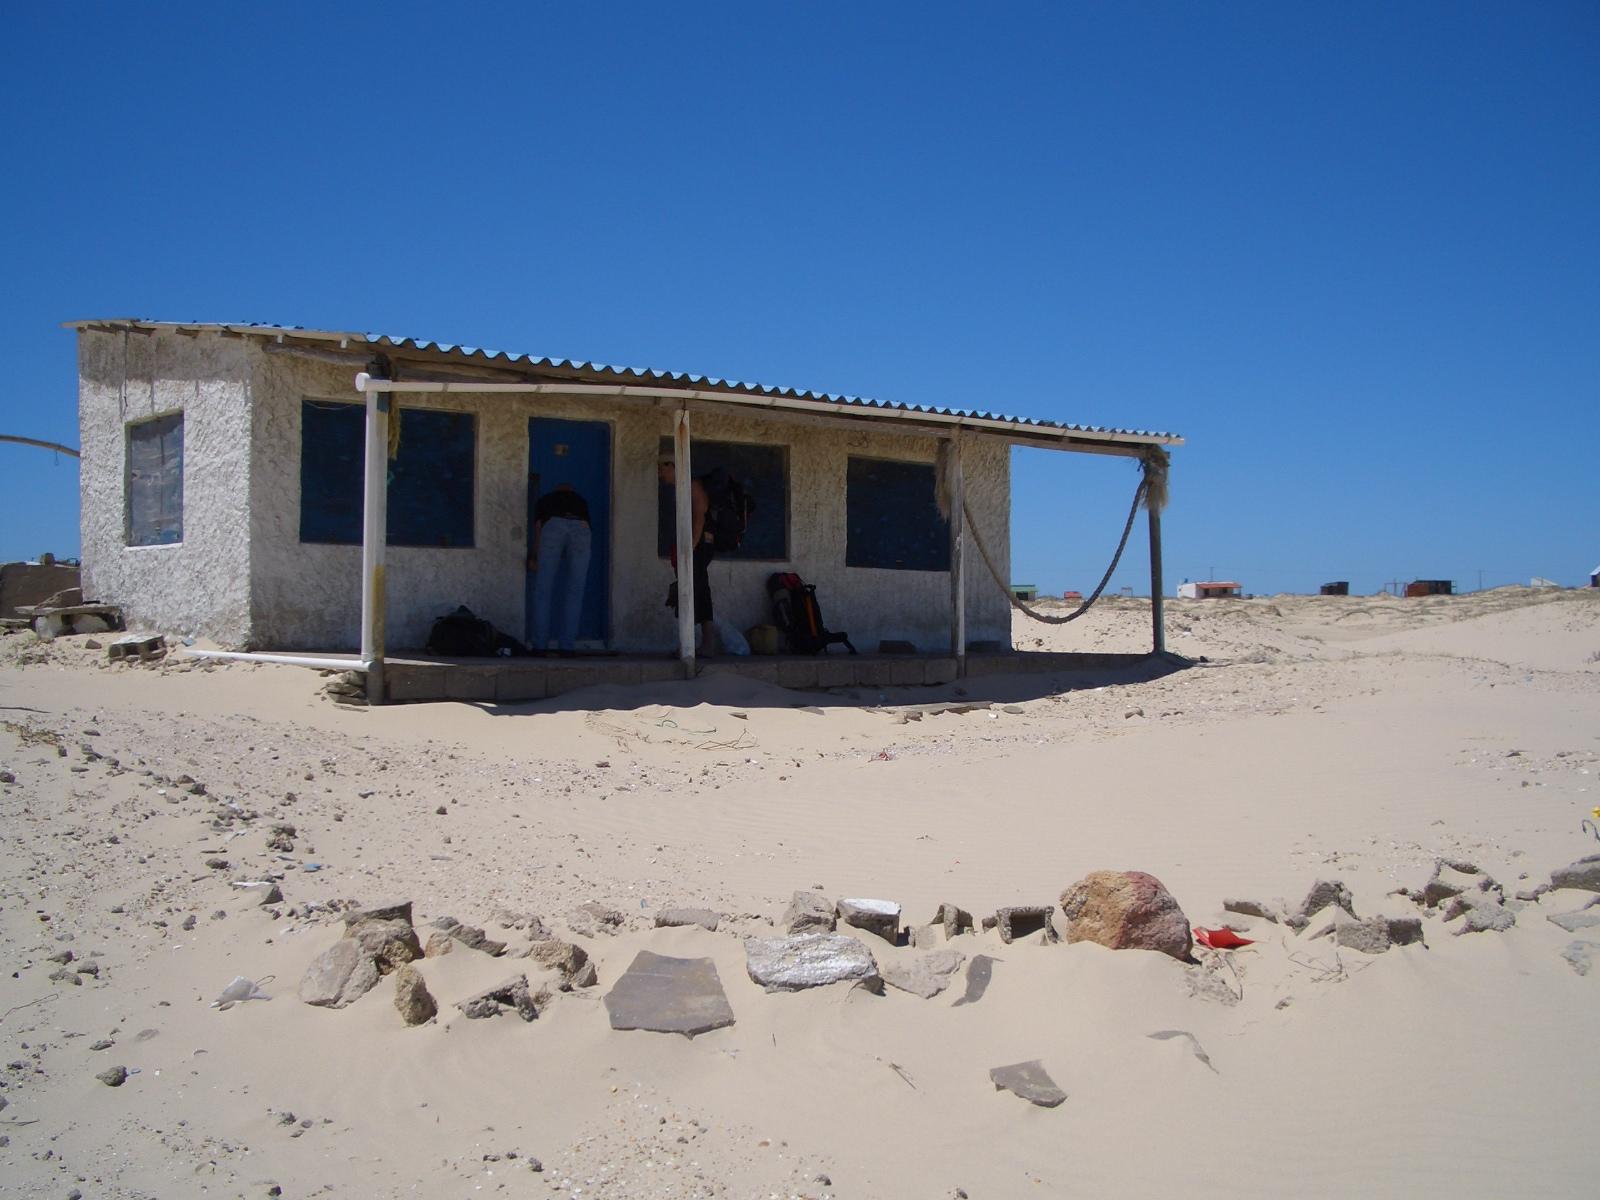 Cabaña en la playa de Cabo Polonio